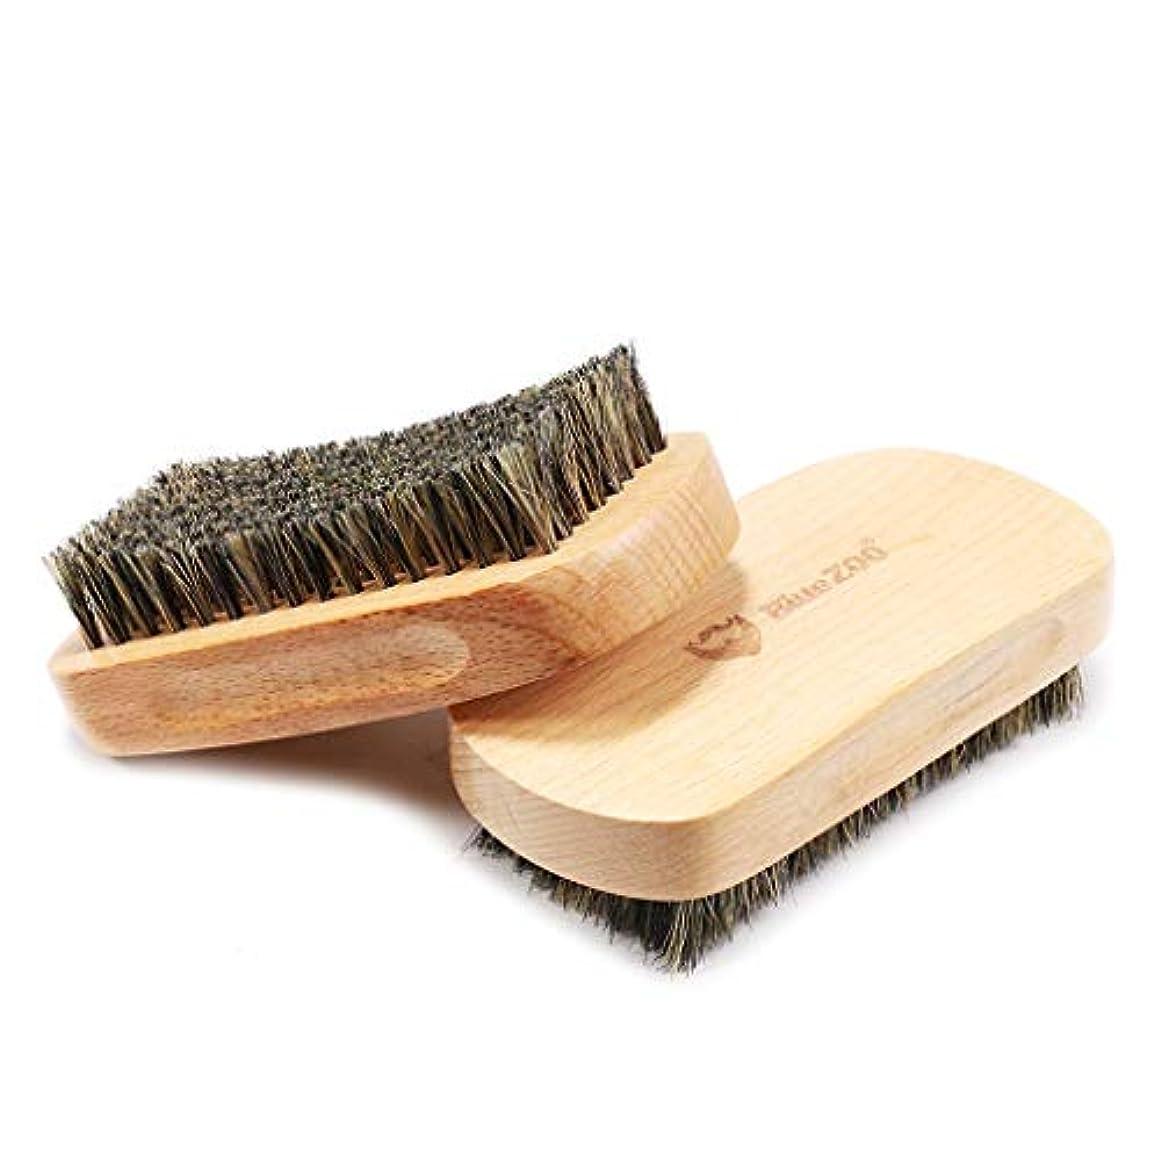 一時的パーティービザHellery シェービングブラシ メンズ 理容 洗顔 髭剃り ひげブラシ 散髪整理 理髪用 首/顔 髭剃り